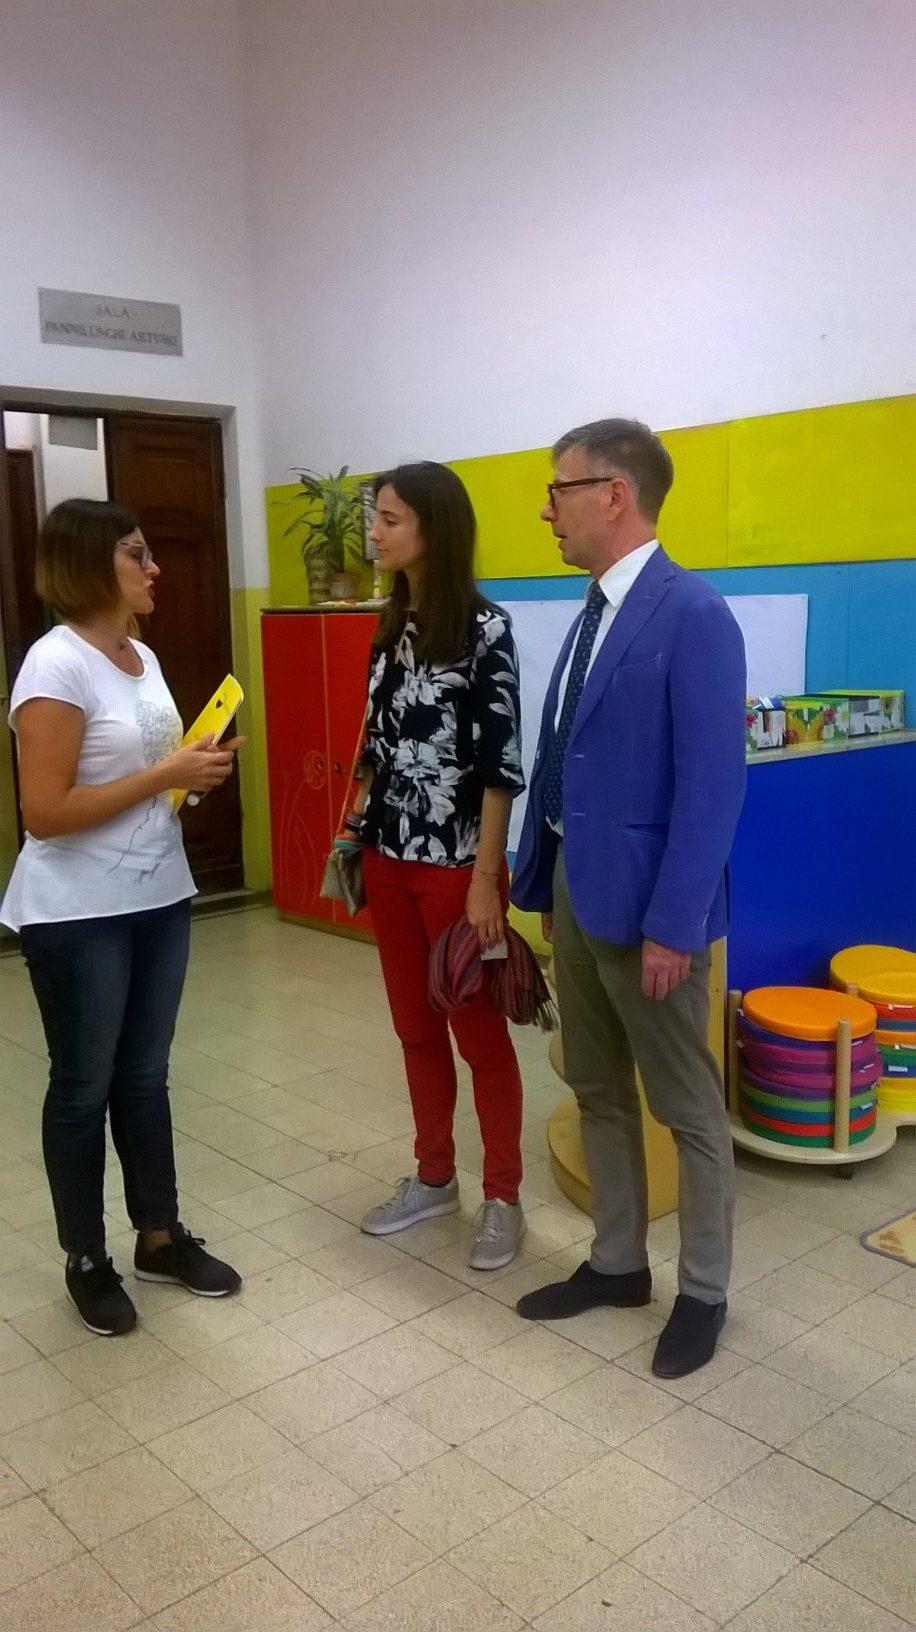 Il sindaco De Mossi e l'assessore Biondi Santi in visita agli asili Monumento e Agnoletti